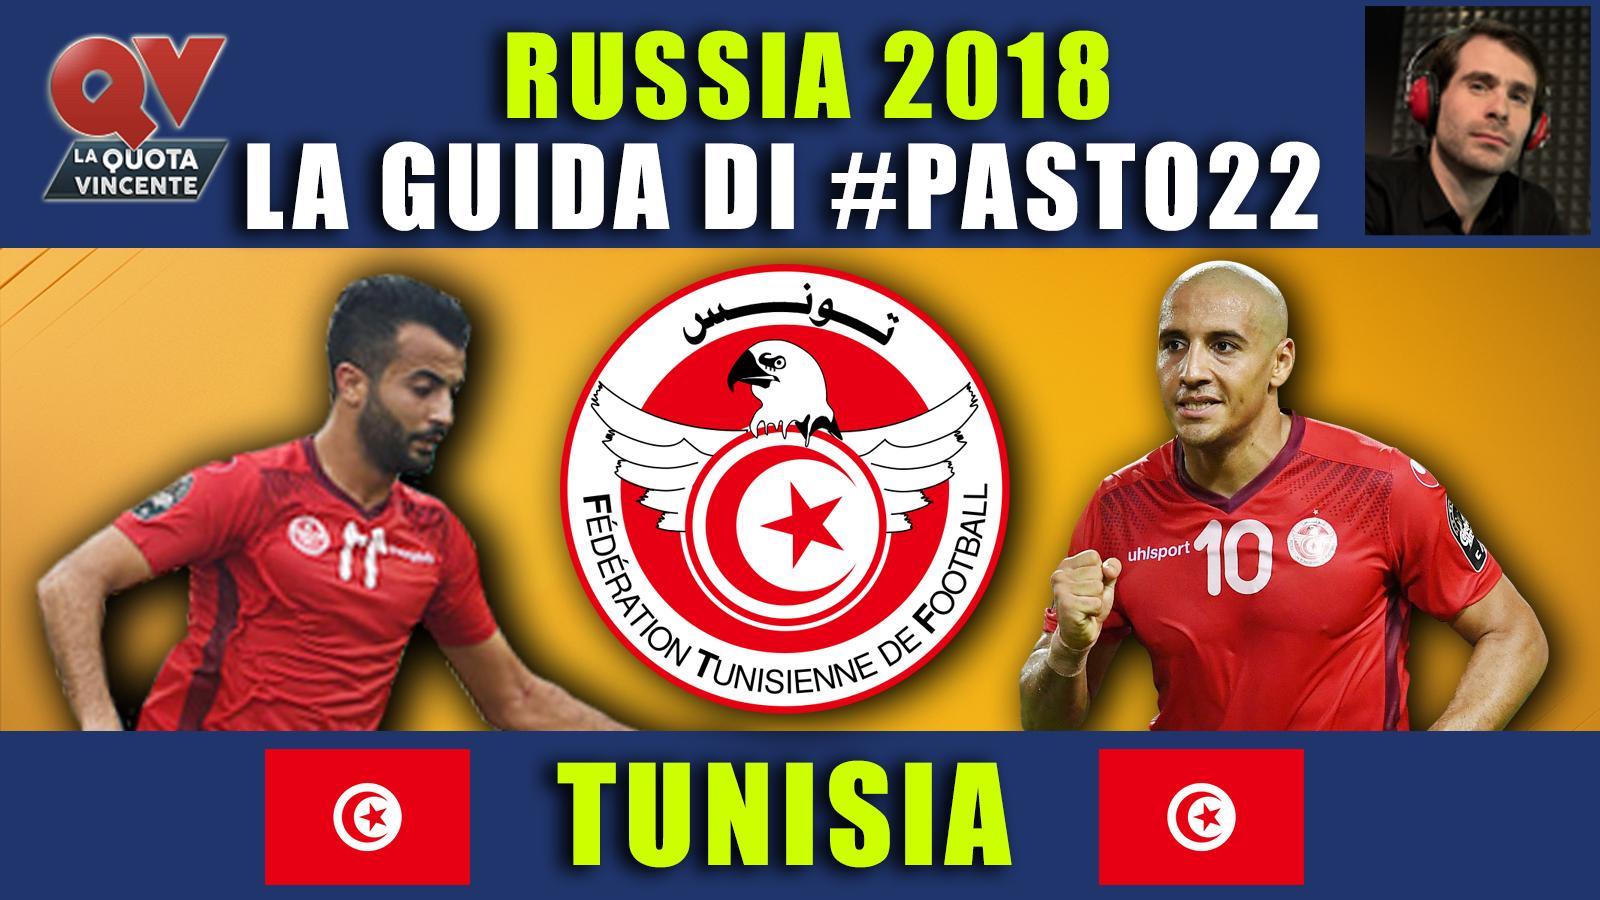 Guida Mondiali Russia 2018 Tunisia